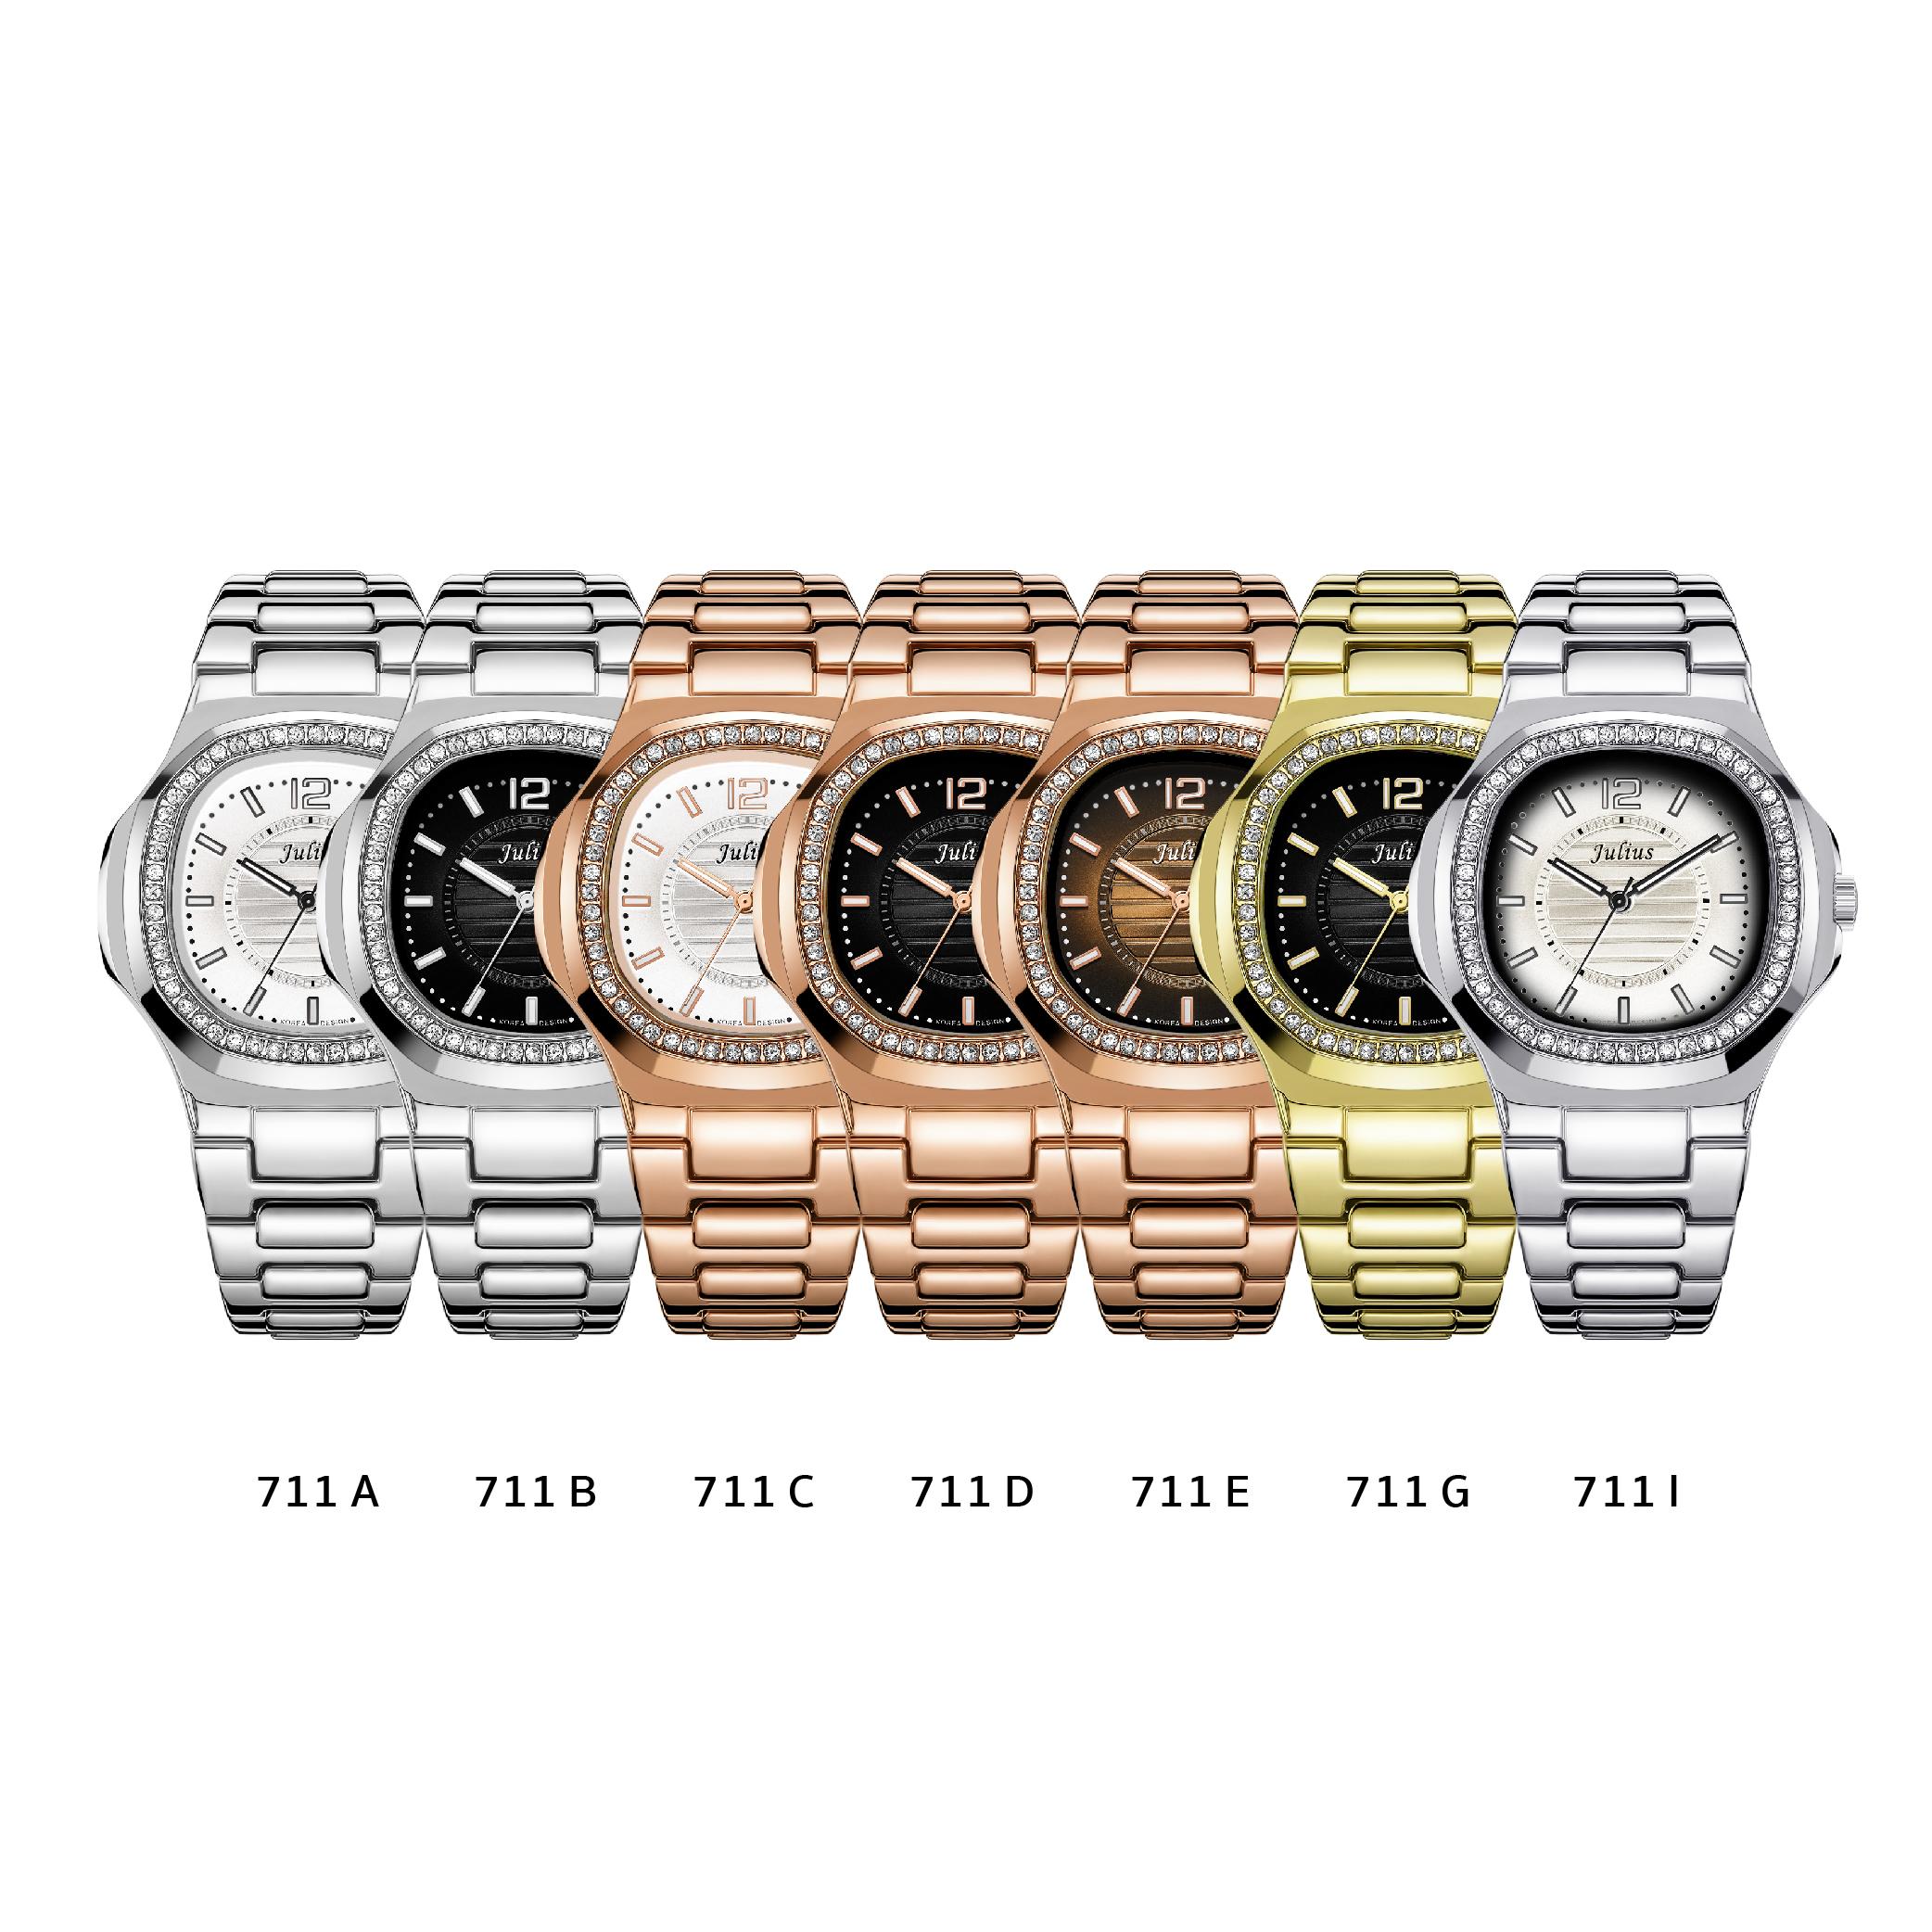 นาฬิกาข้อมือผู้หญิง JULIUS 711 E